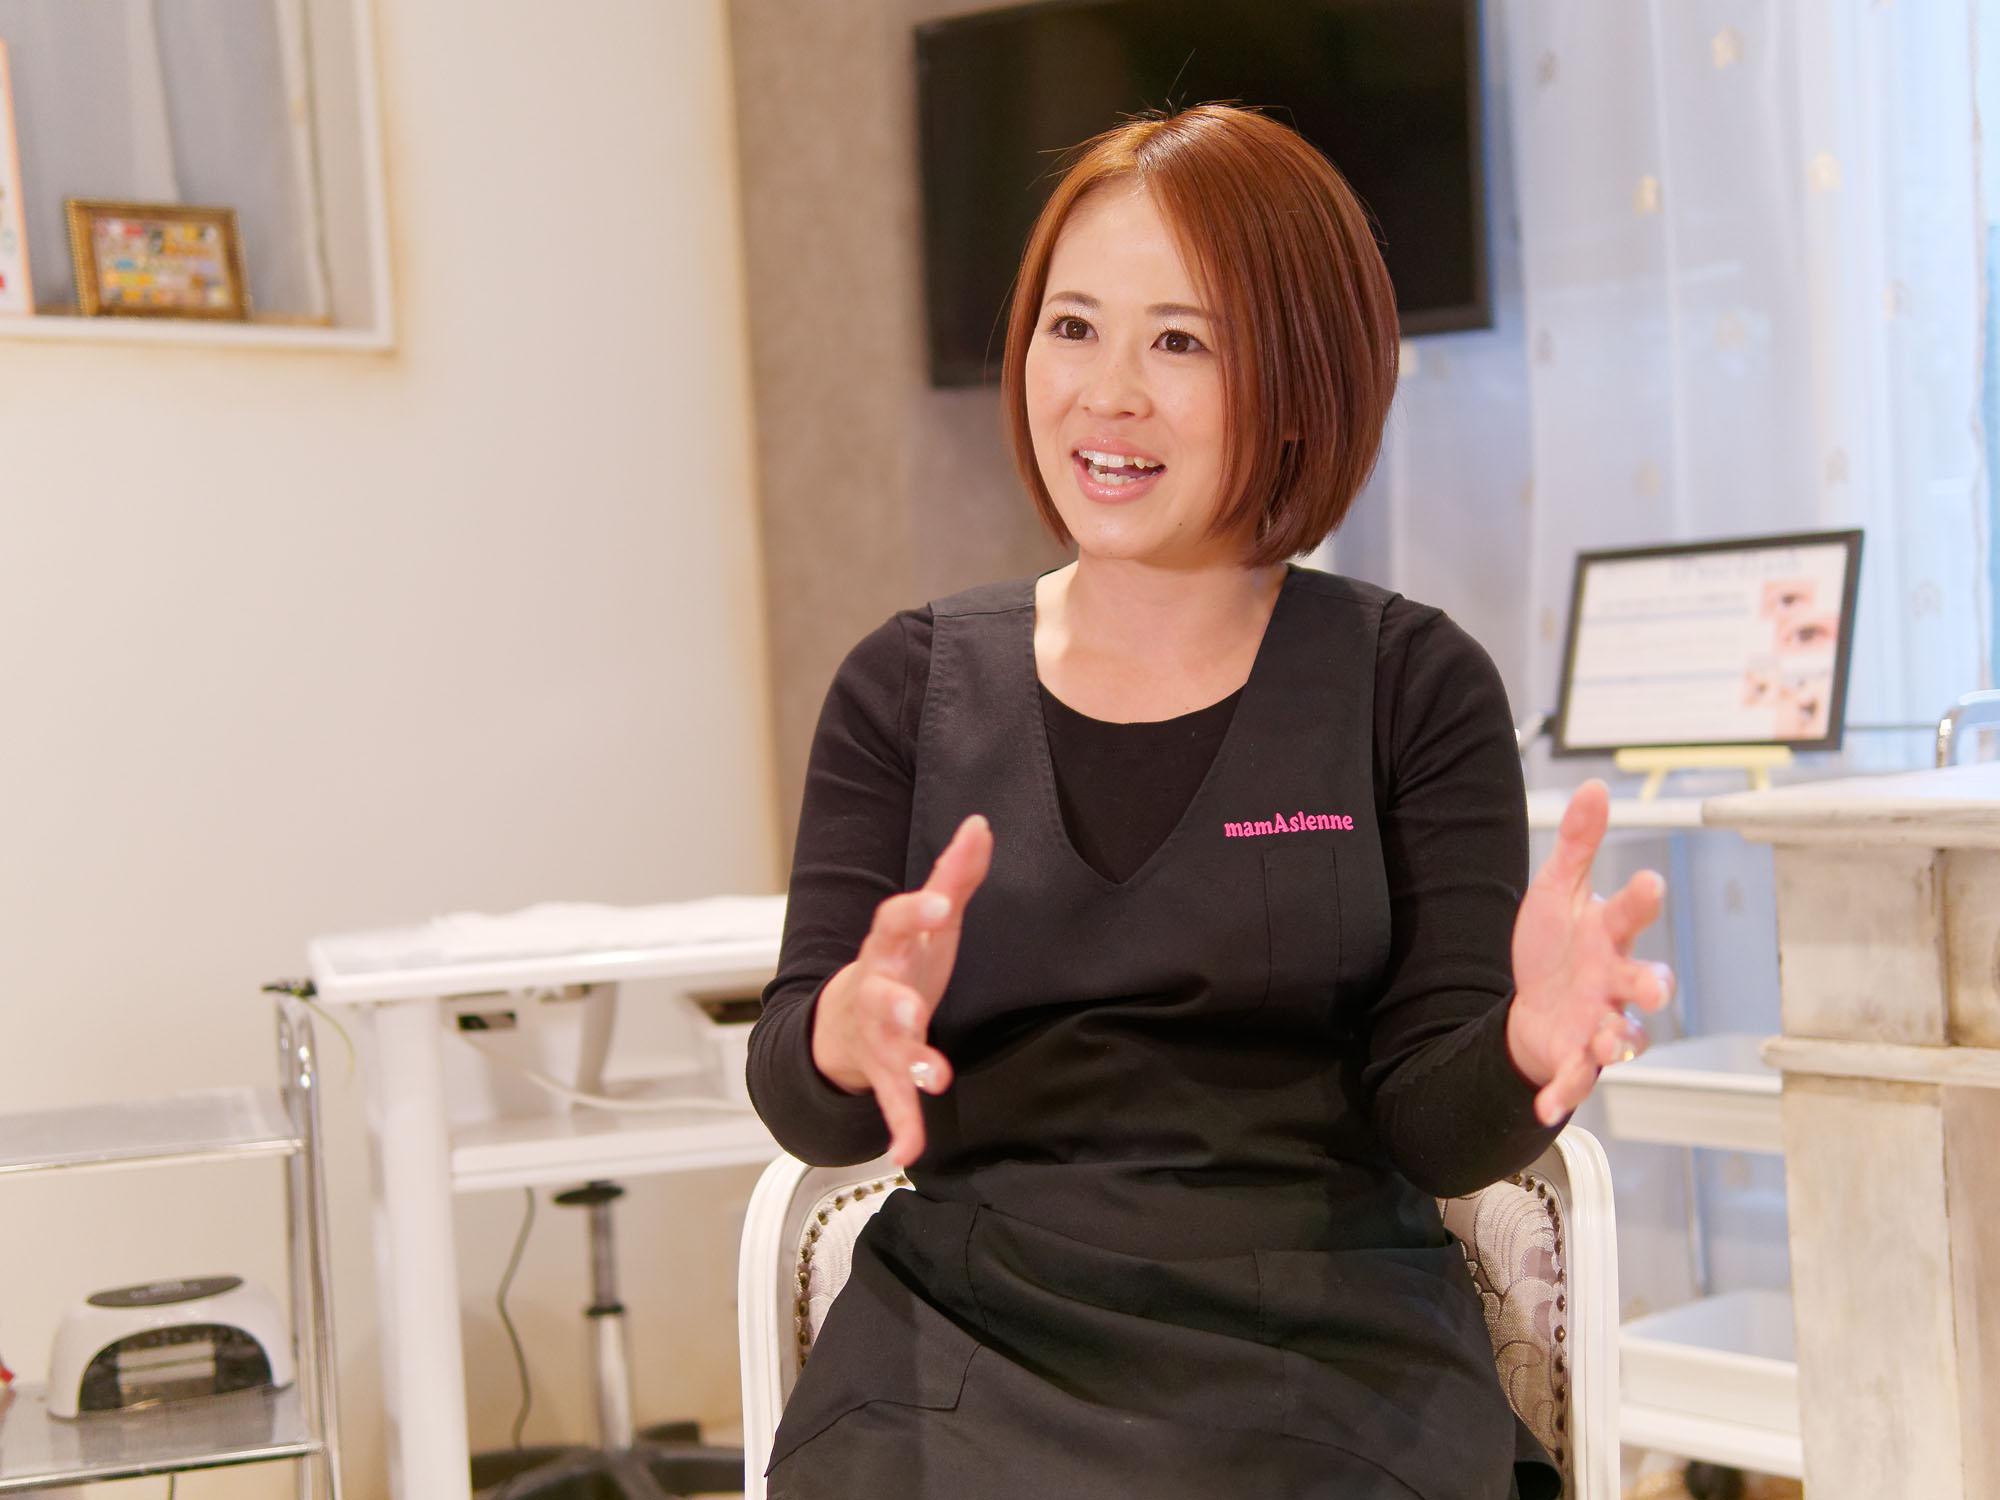 「私もオーナーである妹も専業主婦だったので、経営は初めて。どうしたら気持ちよく働いてもらえるか、ふたりで試行錯誤しています」と橋村さん